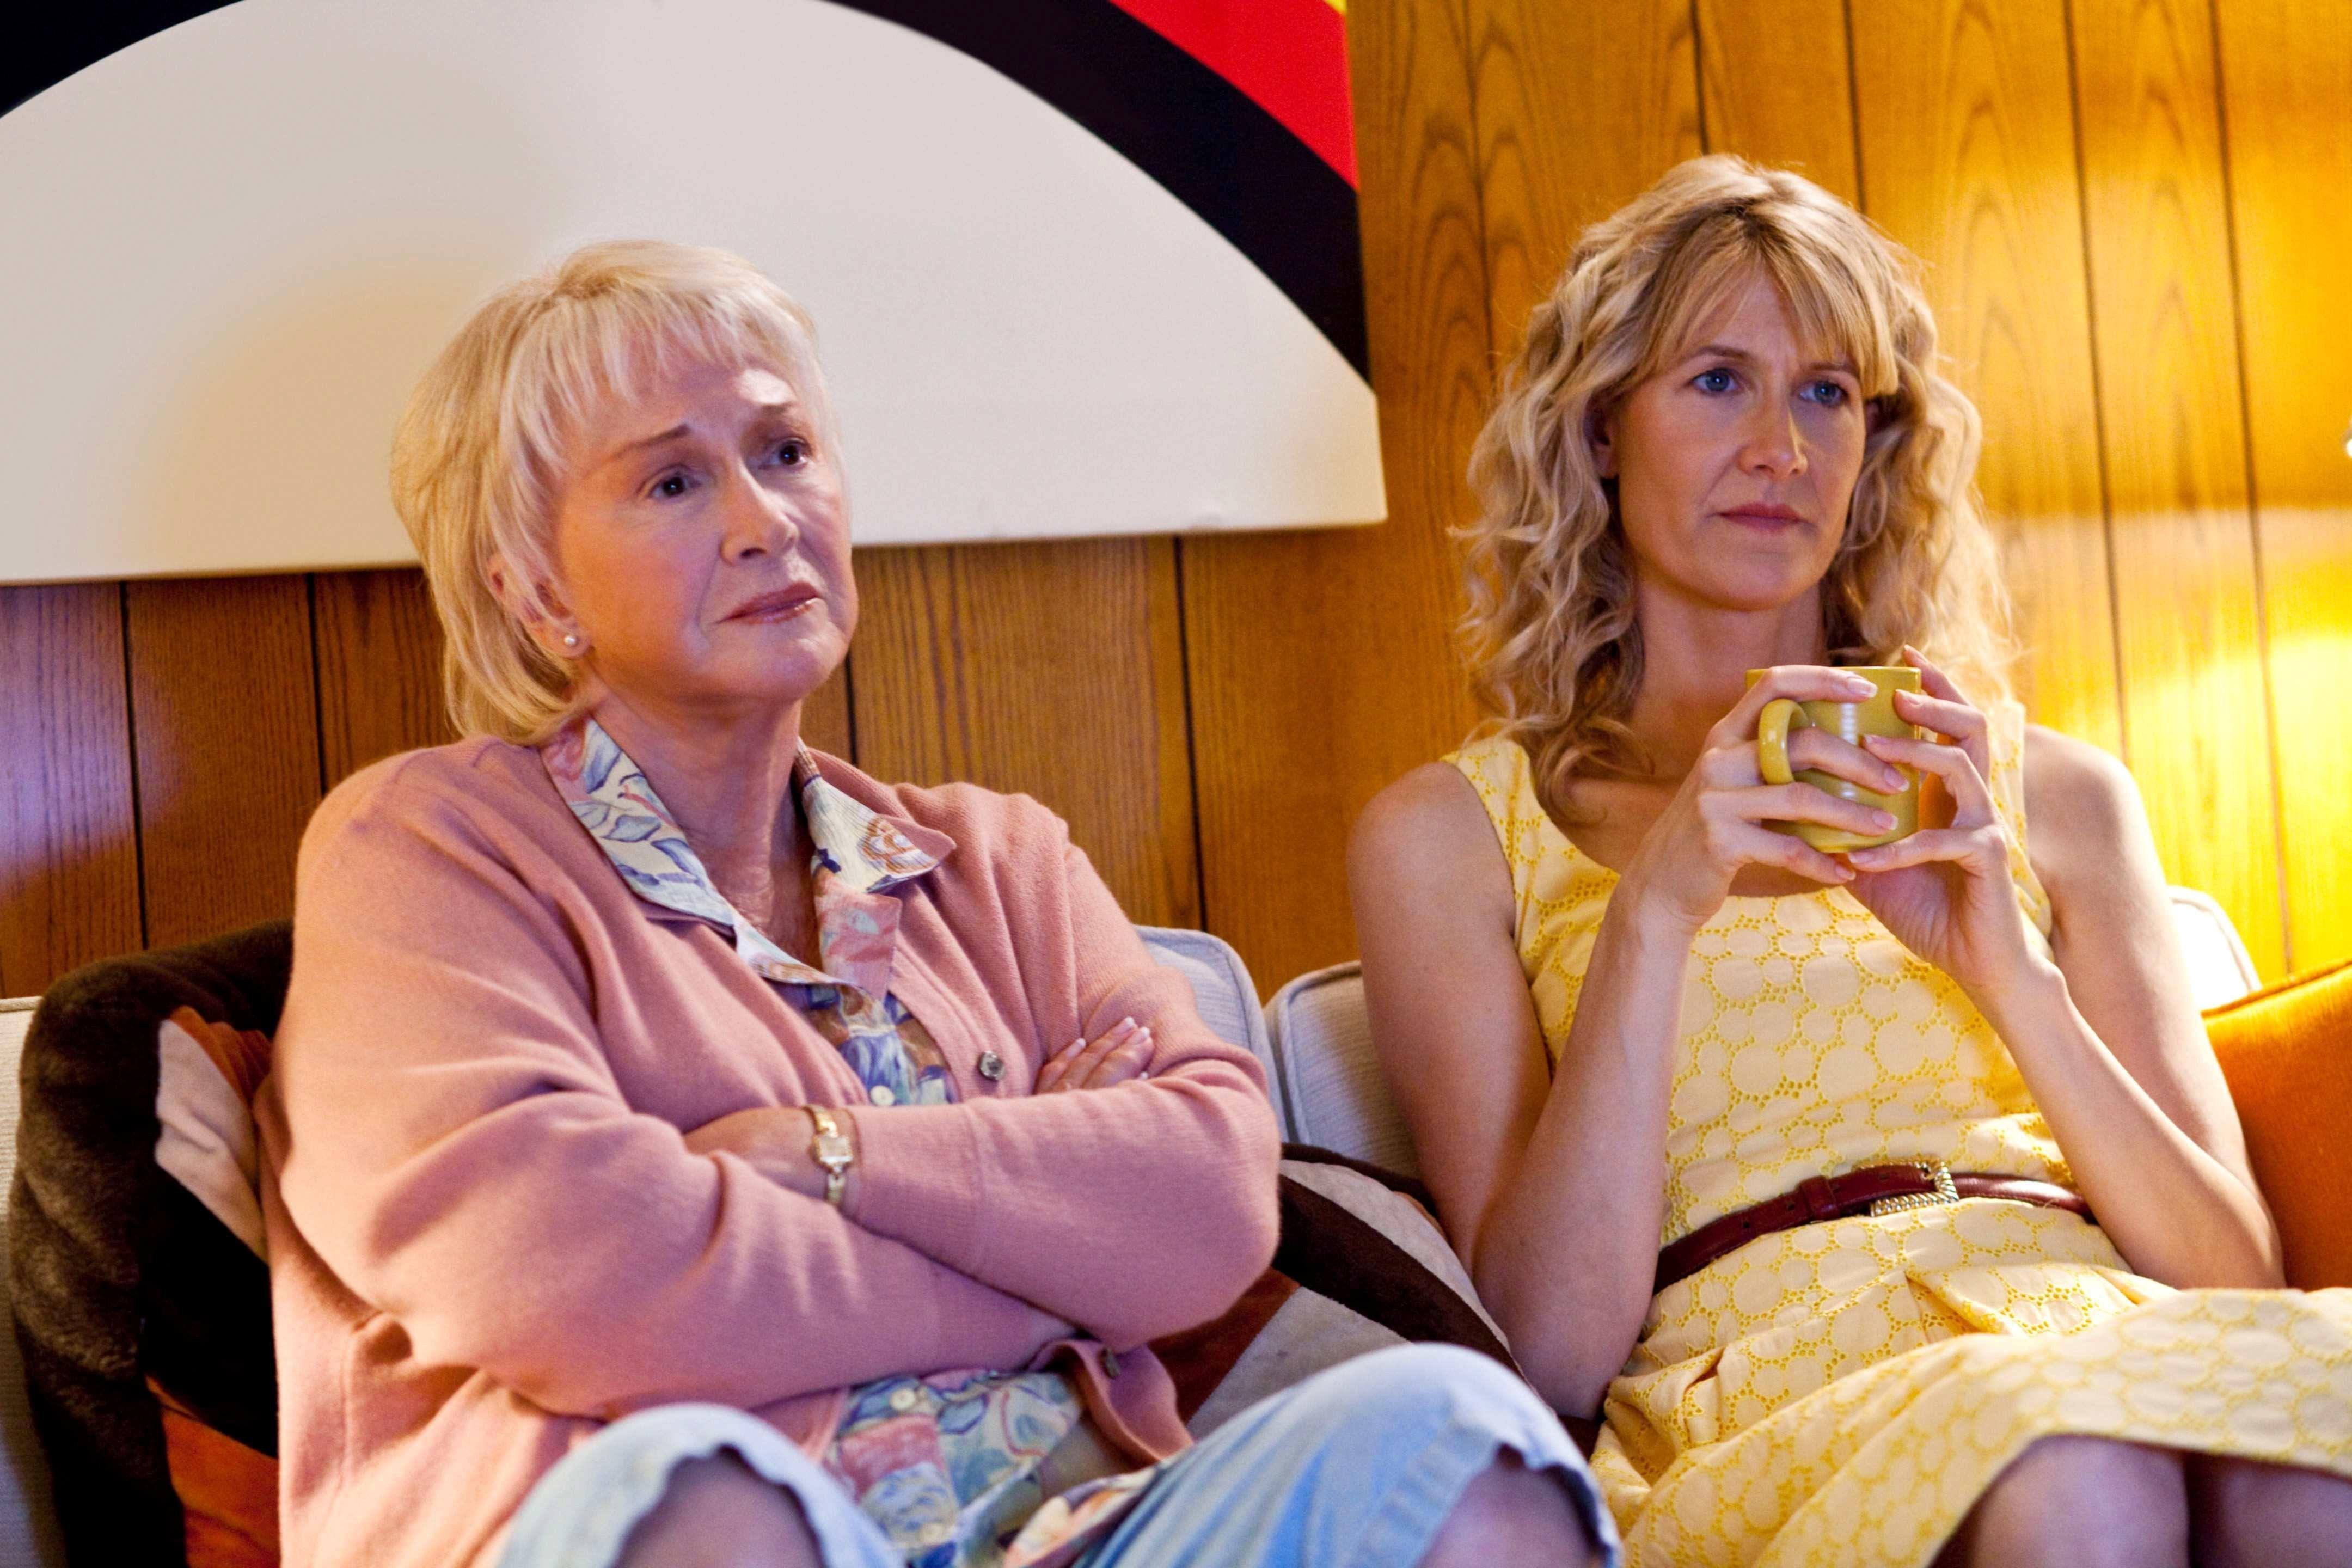 Enlightened recensione serie TV Sky con Laura Dern